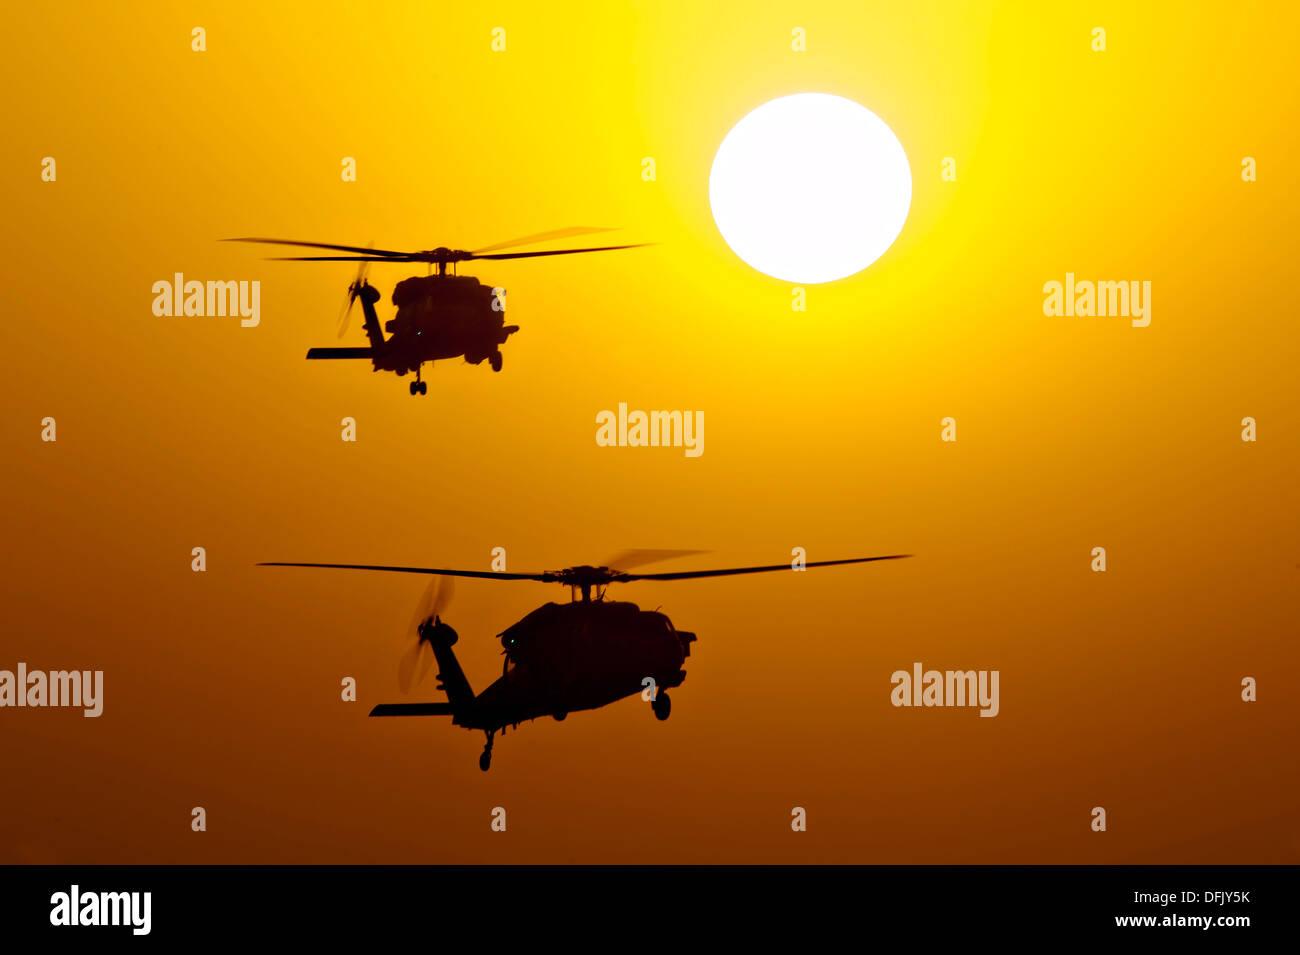 US Marine MH-60 s Knighthawk Hubschrauber werden von der untergehenden Sonne Silhouette, wie sie in der Nähe der Flugzeugträger USS Harry S. Truman Betrieb patrouillieren 3. Oktober 2013 in den Golf von Oman. Stockfoto